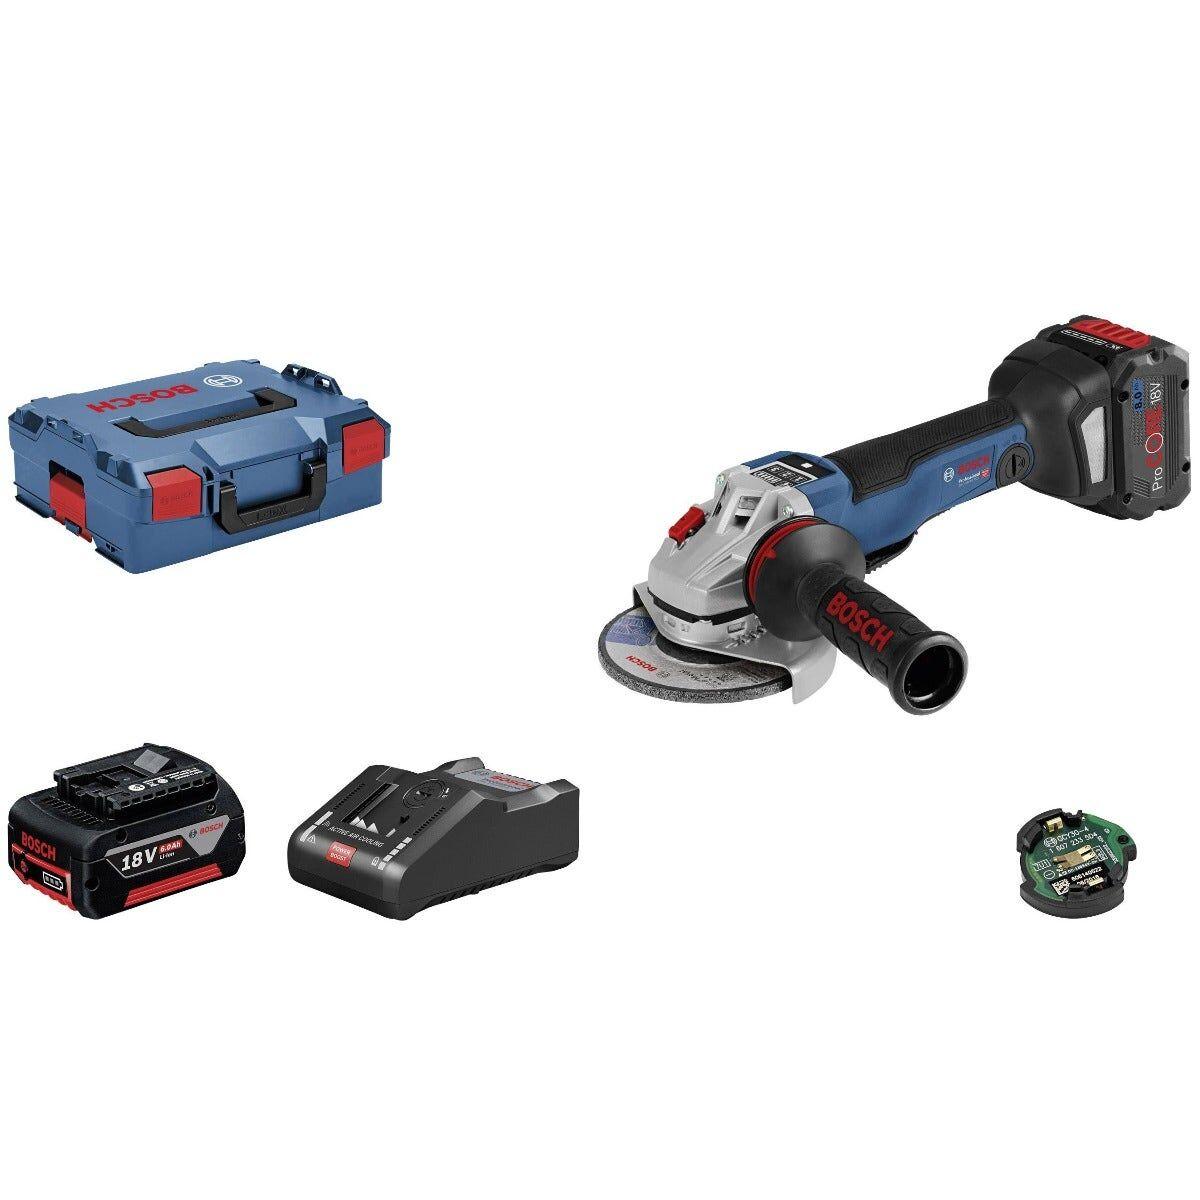 Bosch Meuleuse angulaire sans fil GWS 18V-10 PSC + chargeur rapide + 2 batteries ProCore 8Ah + 1 module Bluetooth + accessoires + L-Boxx